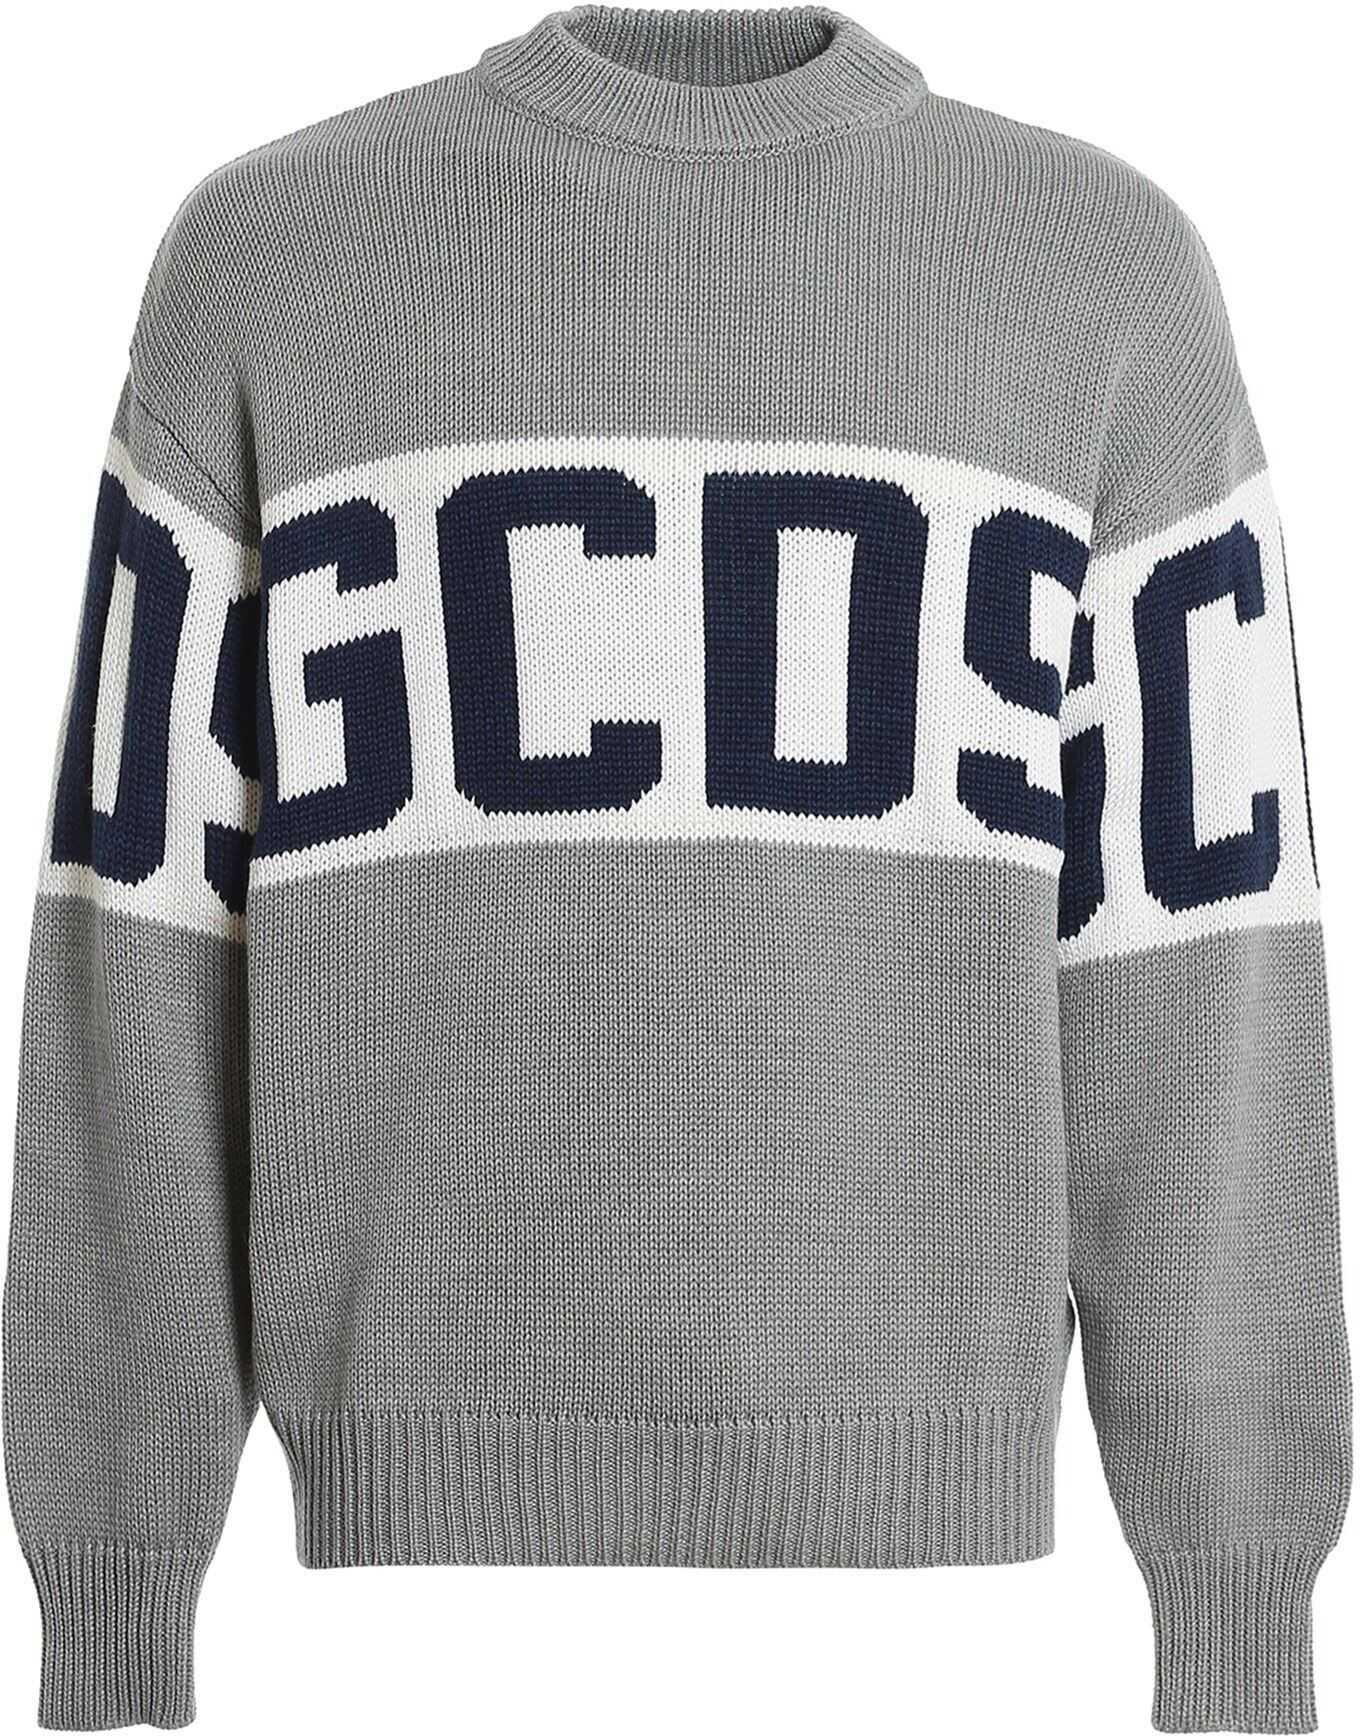 GCDS Wool Blend Sweater In Grey Grey imagine